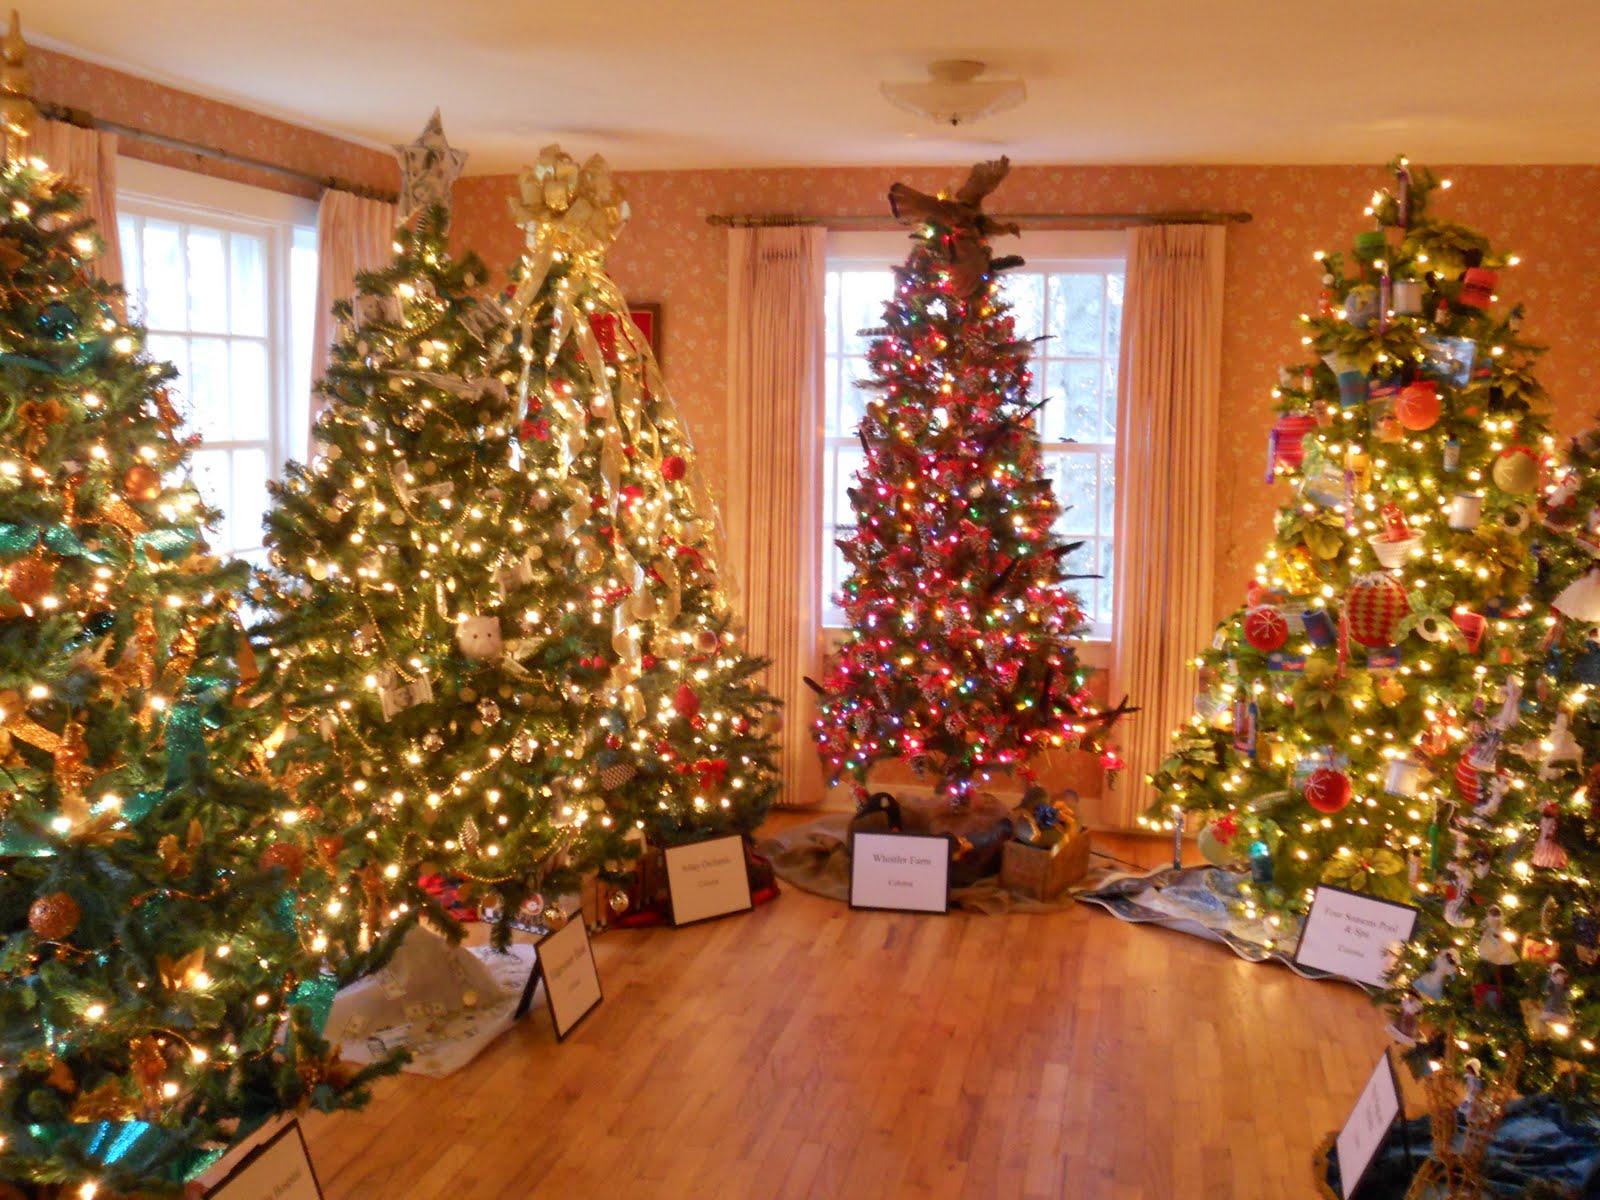 Első adventi hétvége – Hol a karácsonyfa? - Rendberaklak